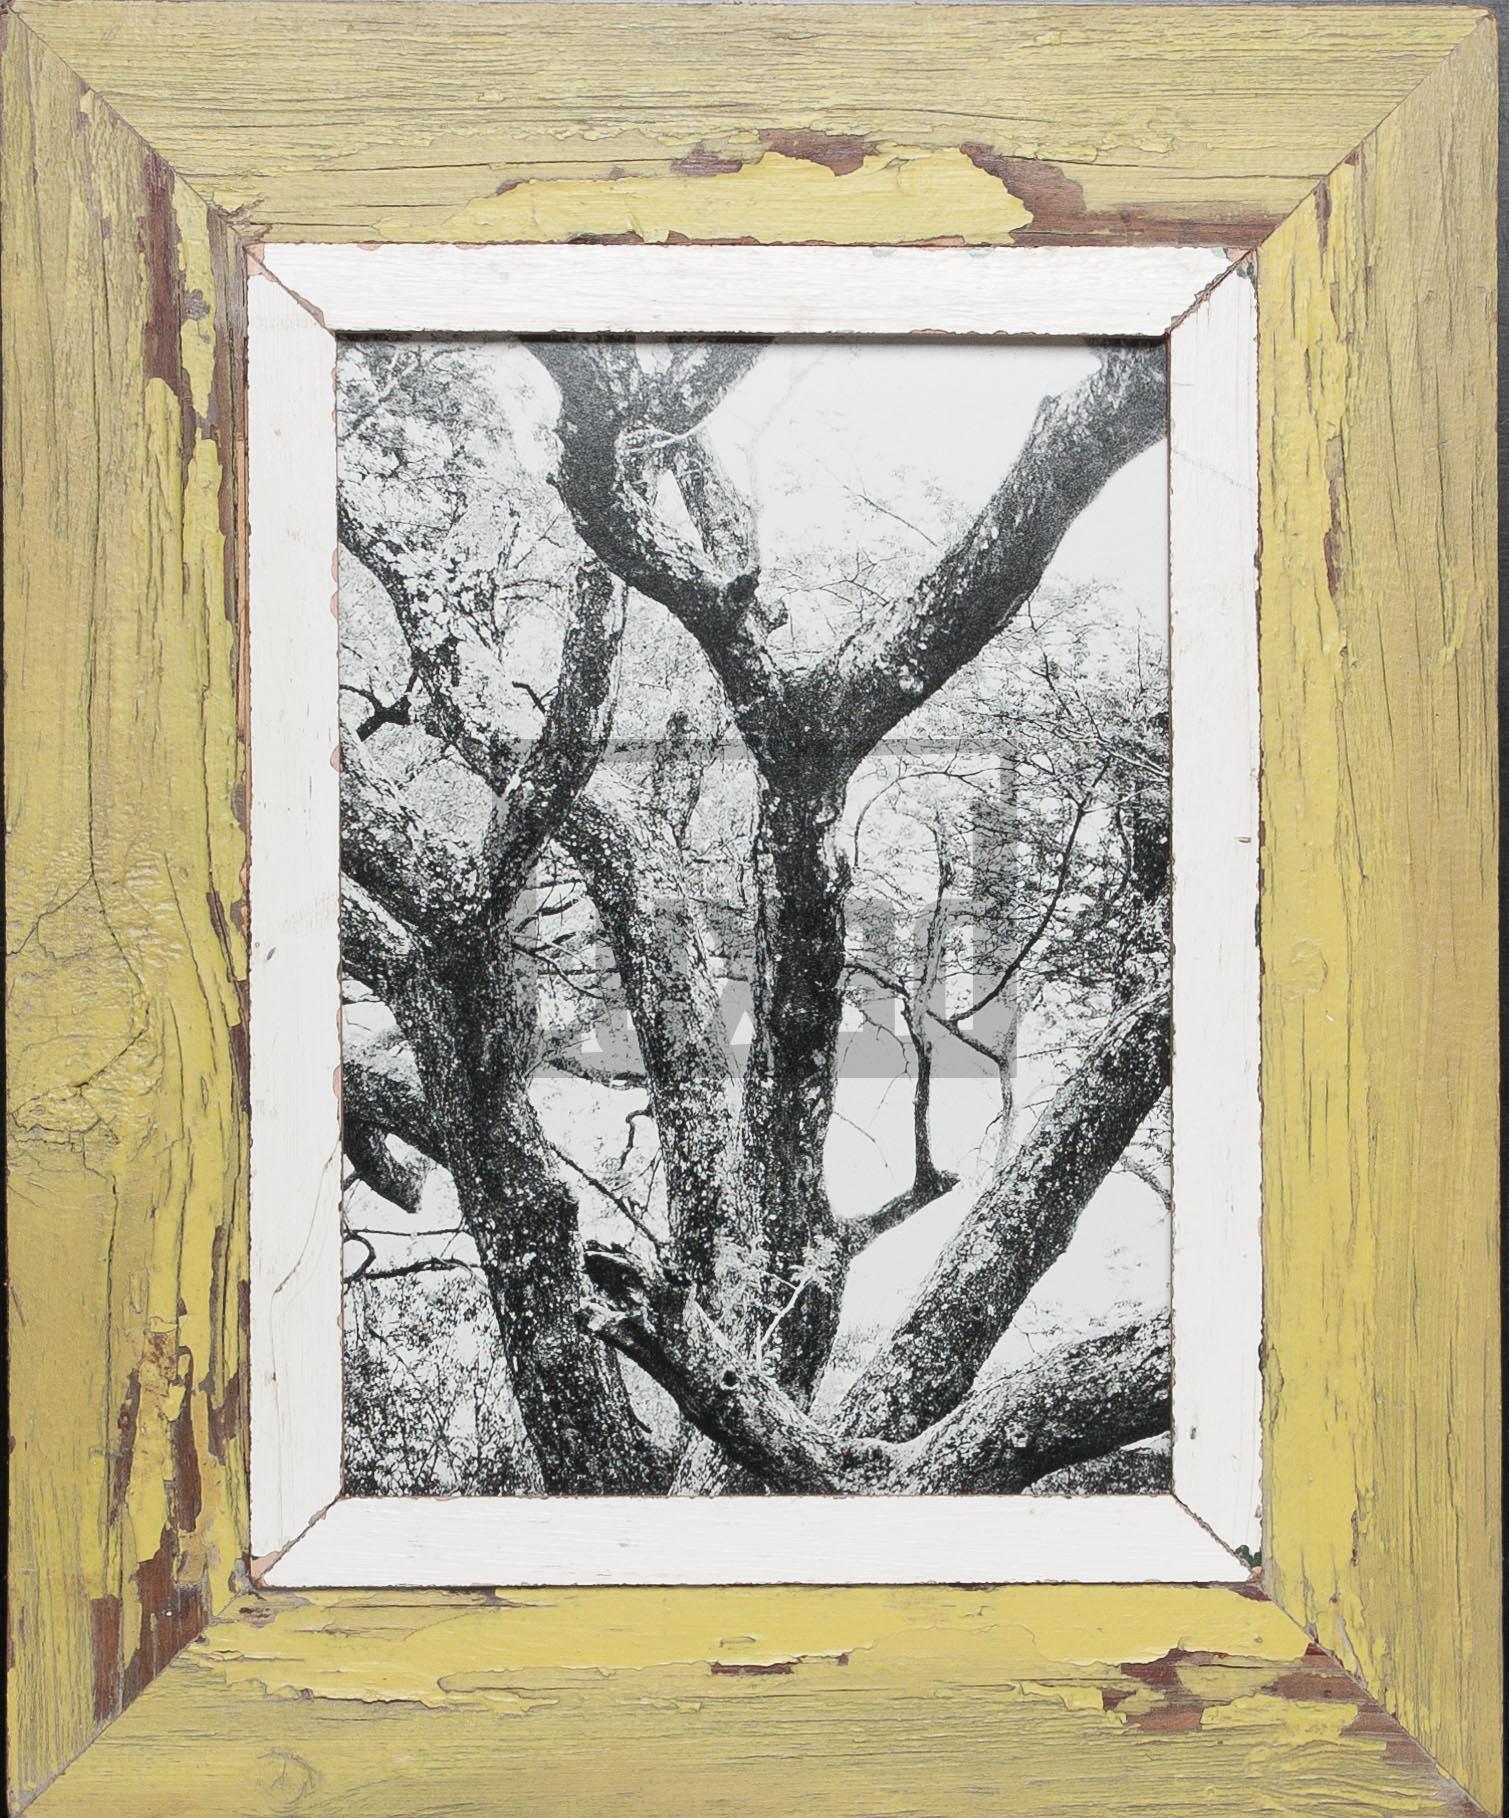 Vintage-Bilderrahmen für Fotos ca. 21 x 29,7 cm